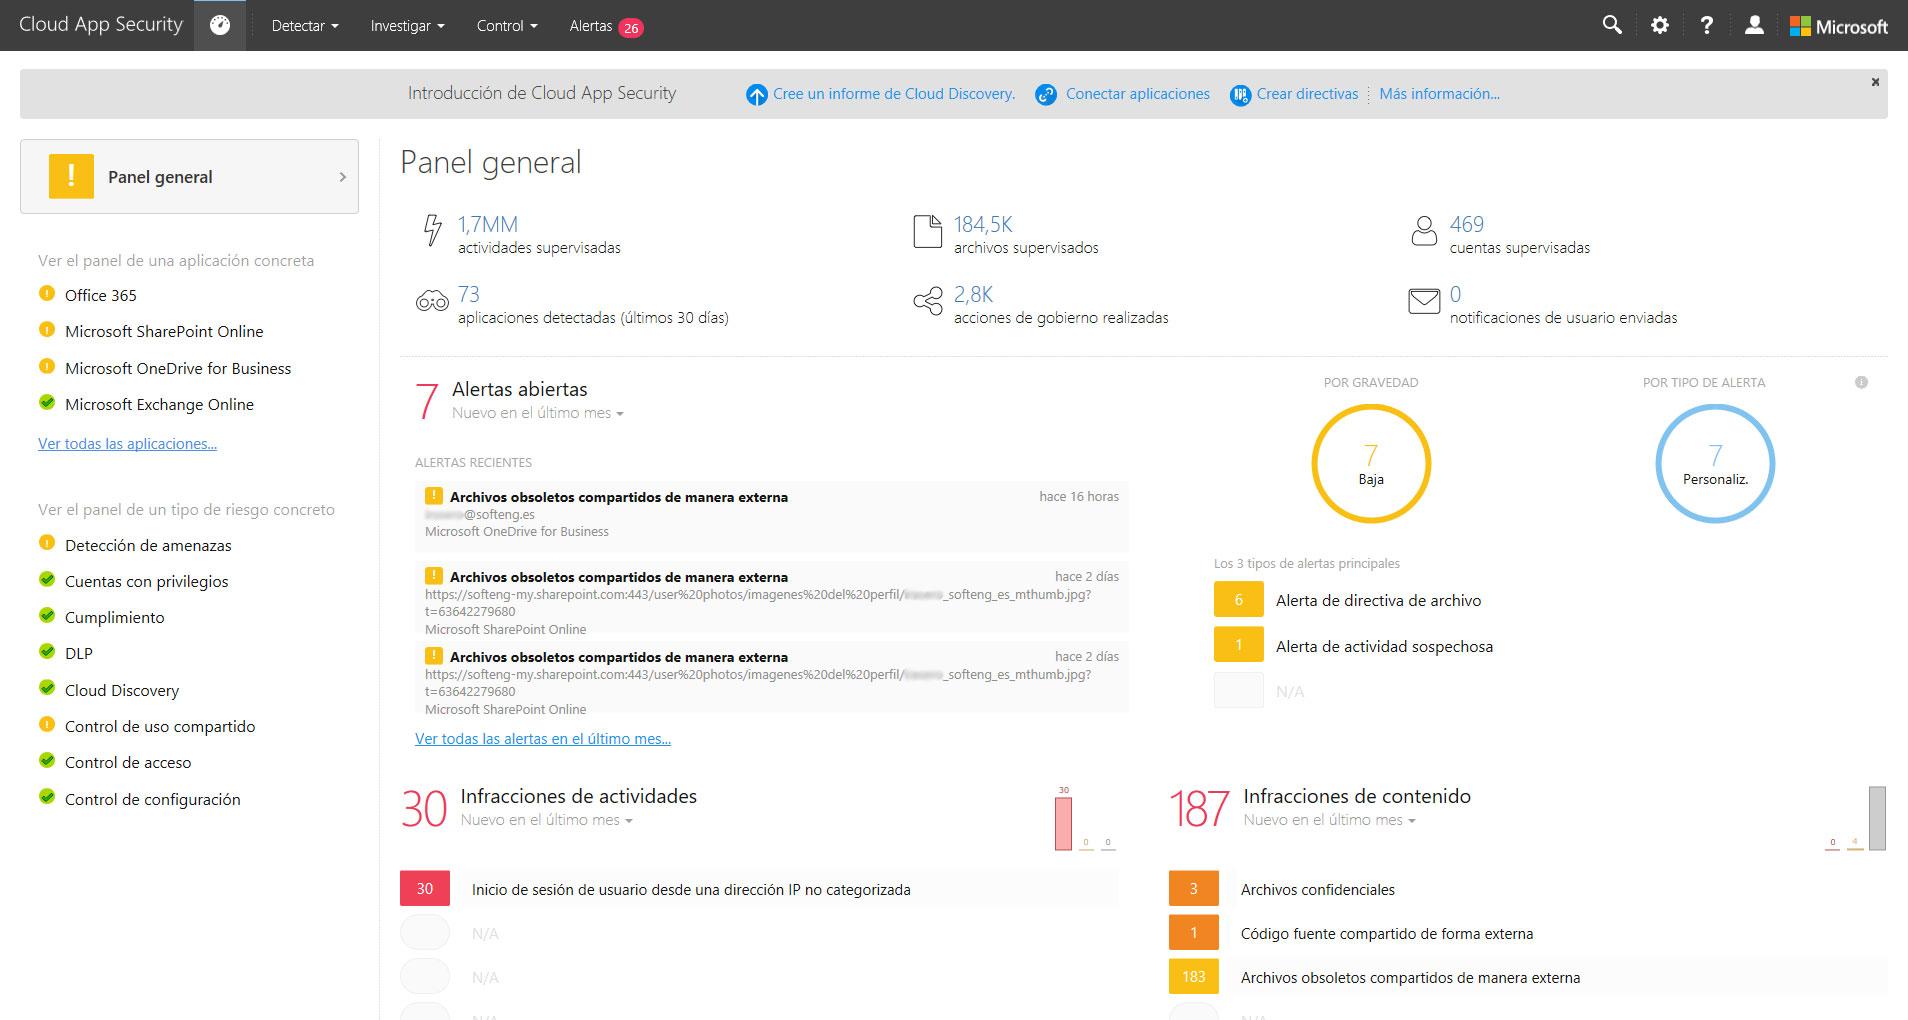 Descubre Microsoft Cloud App Security